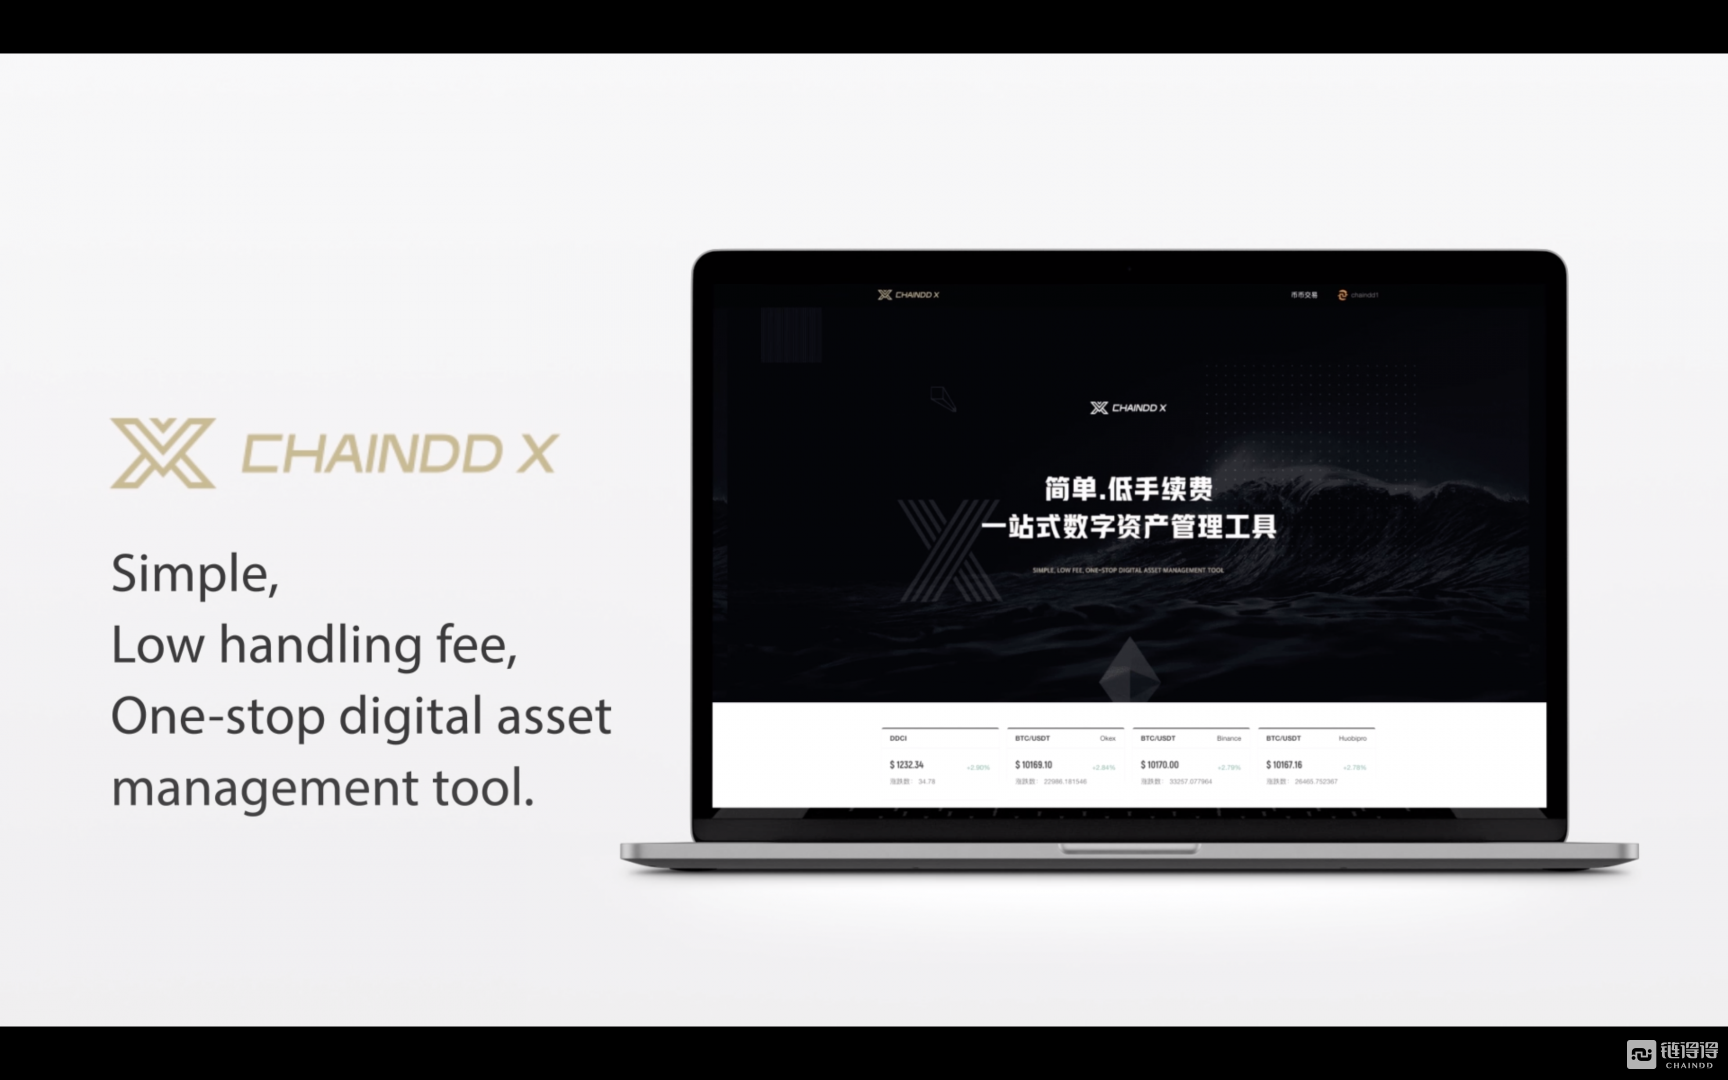 重磅官宣!链得得在纽约发布全新聚合型交易产品ChainDDx